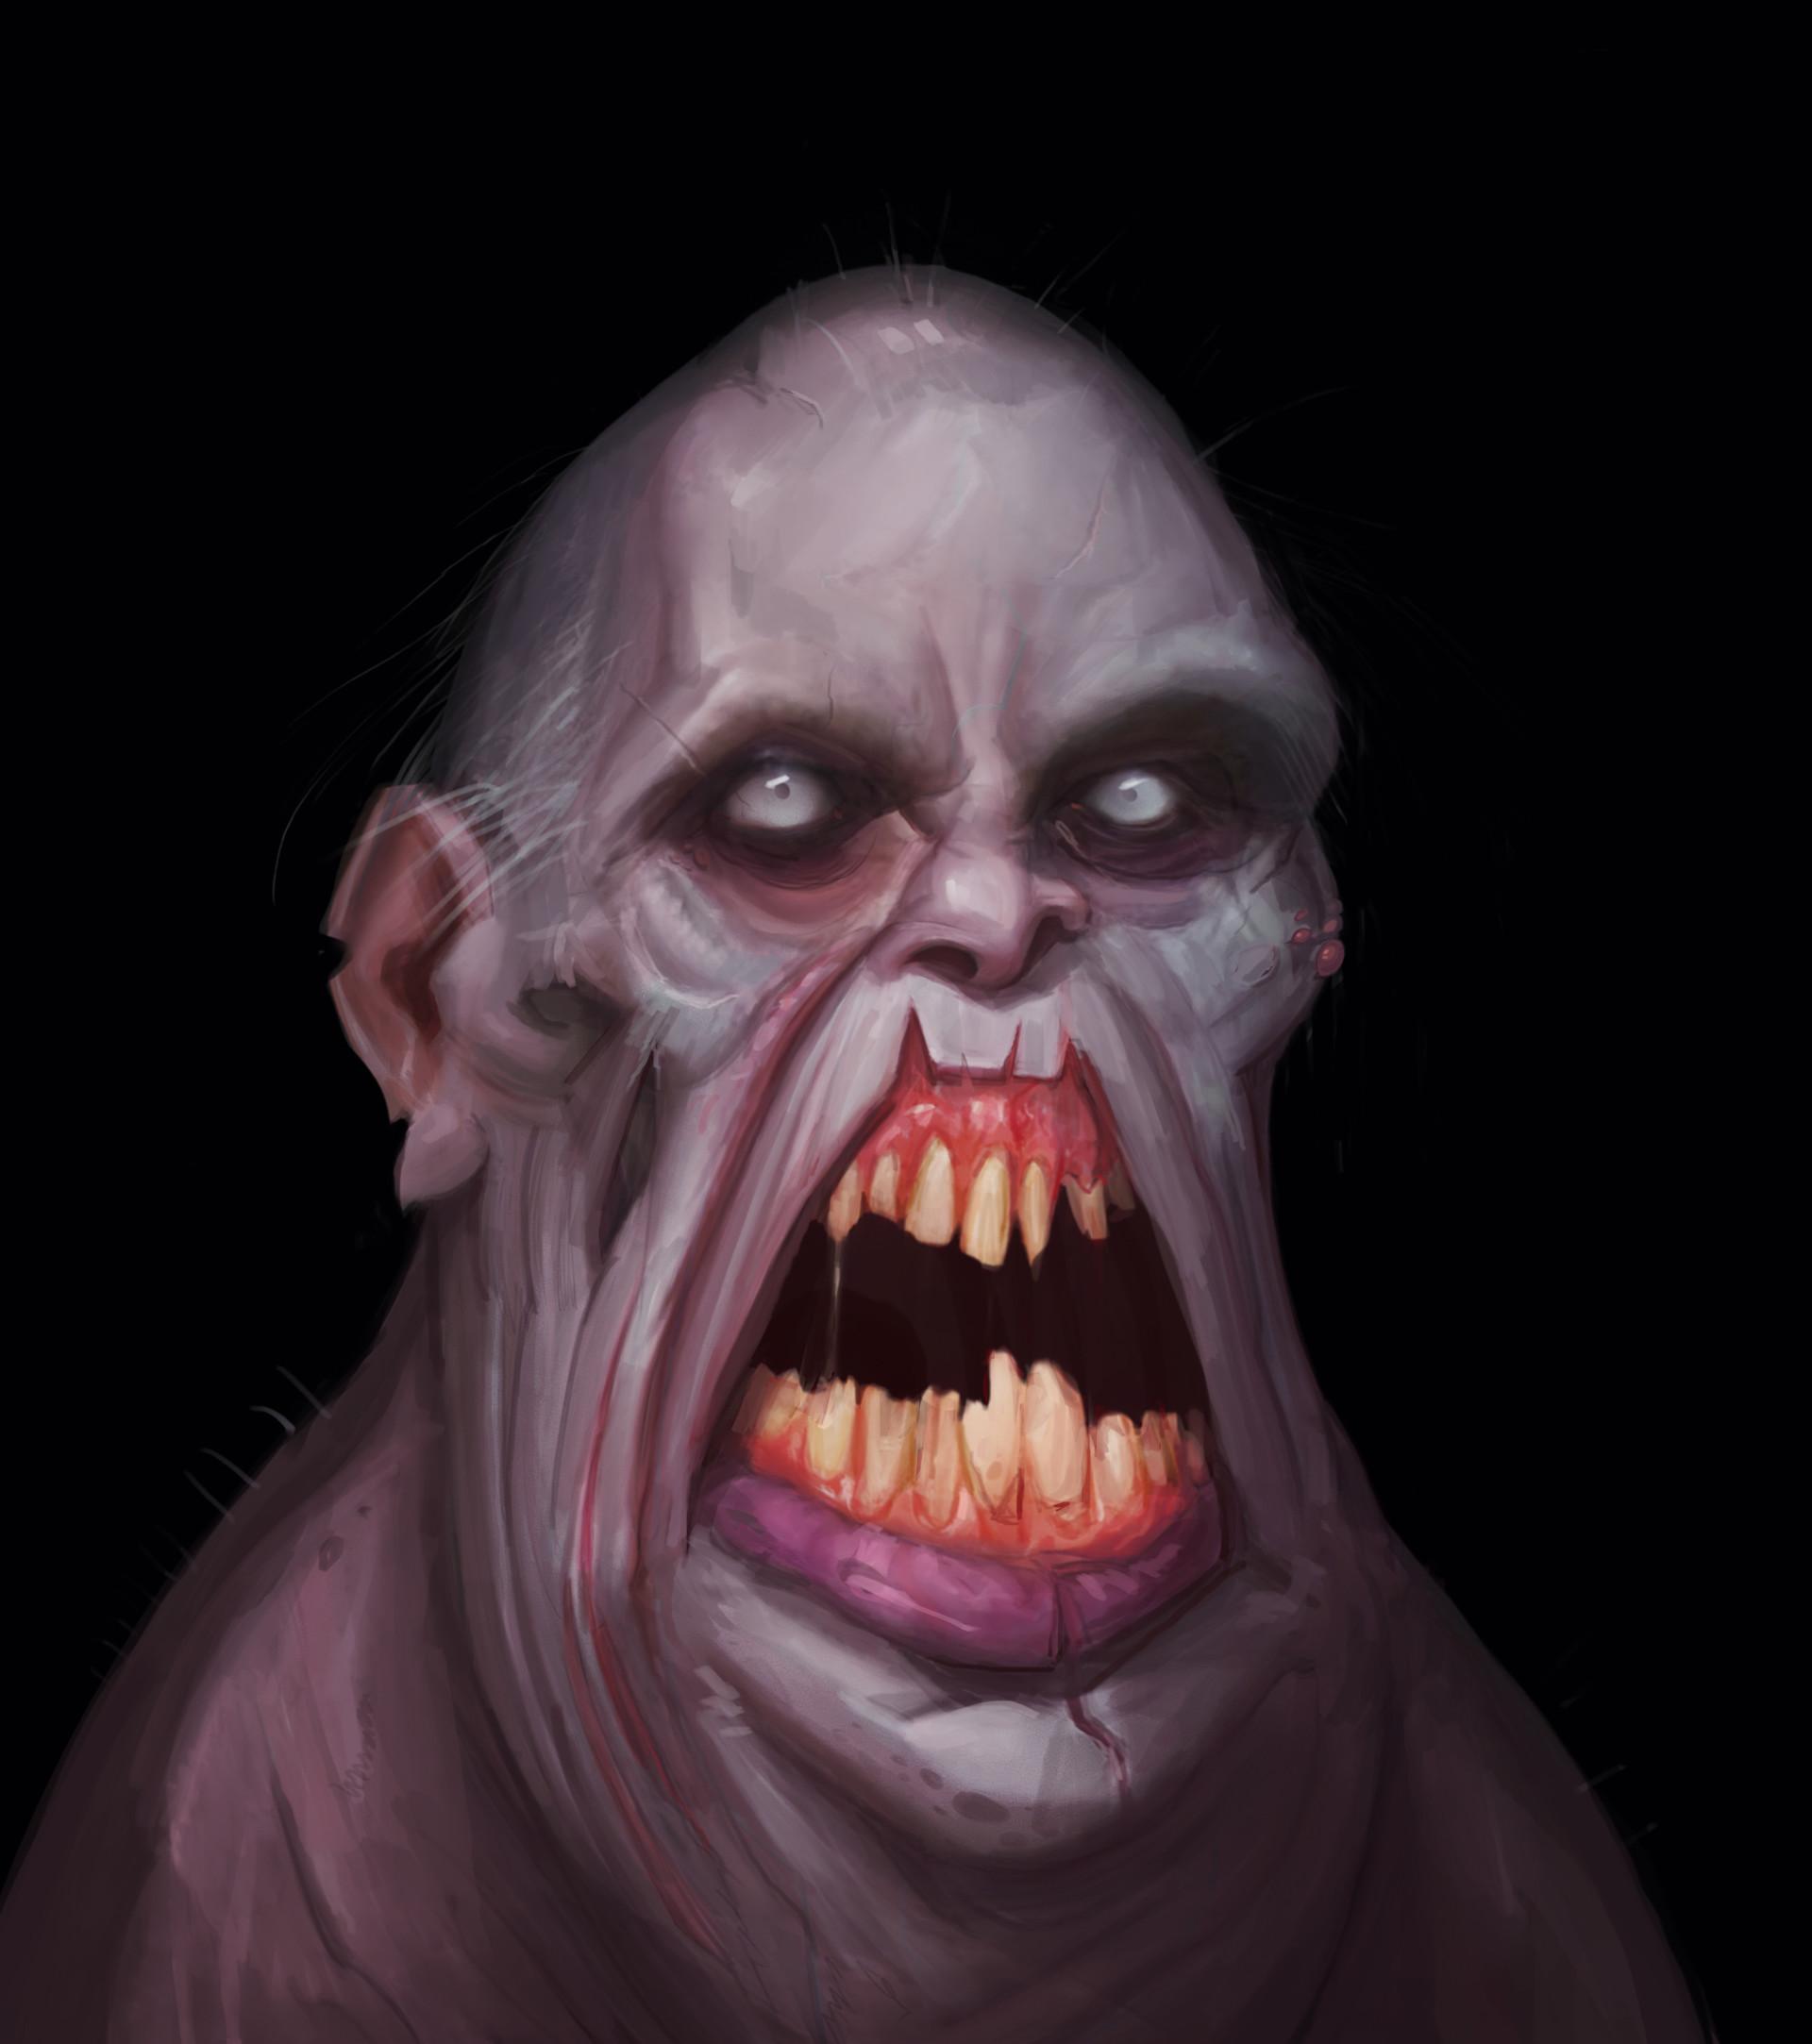 Drakhas oguzalp donduren zombie portrait